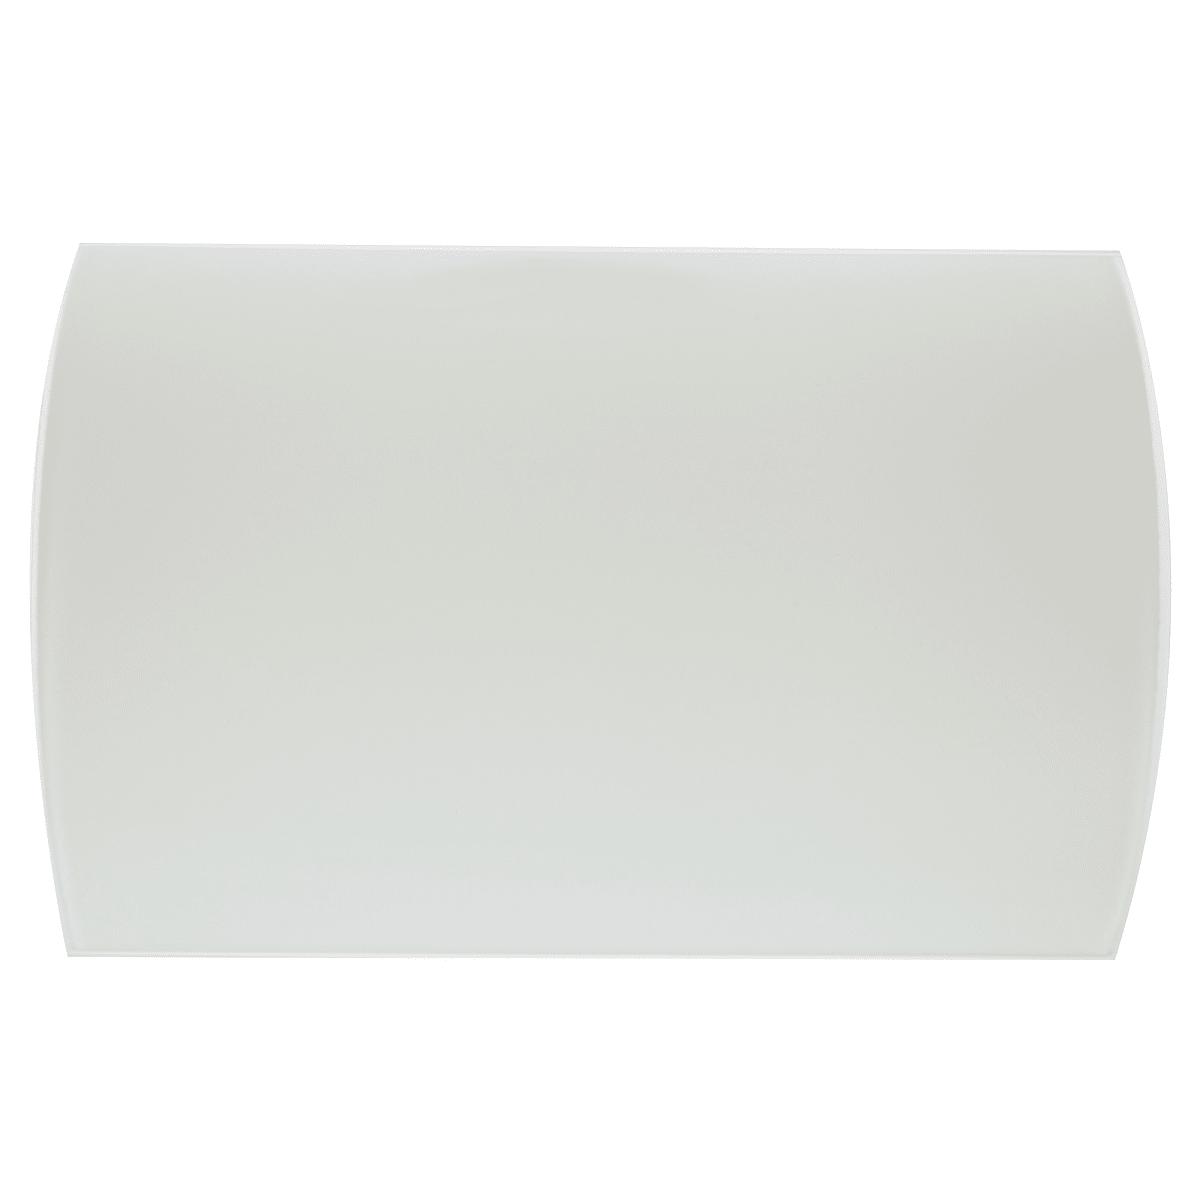 Плафон Мелани 150x220 мм